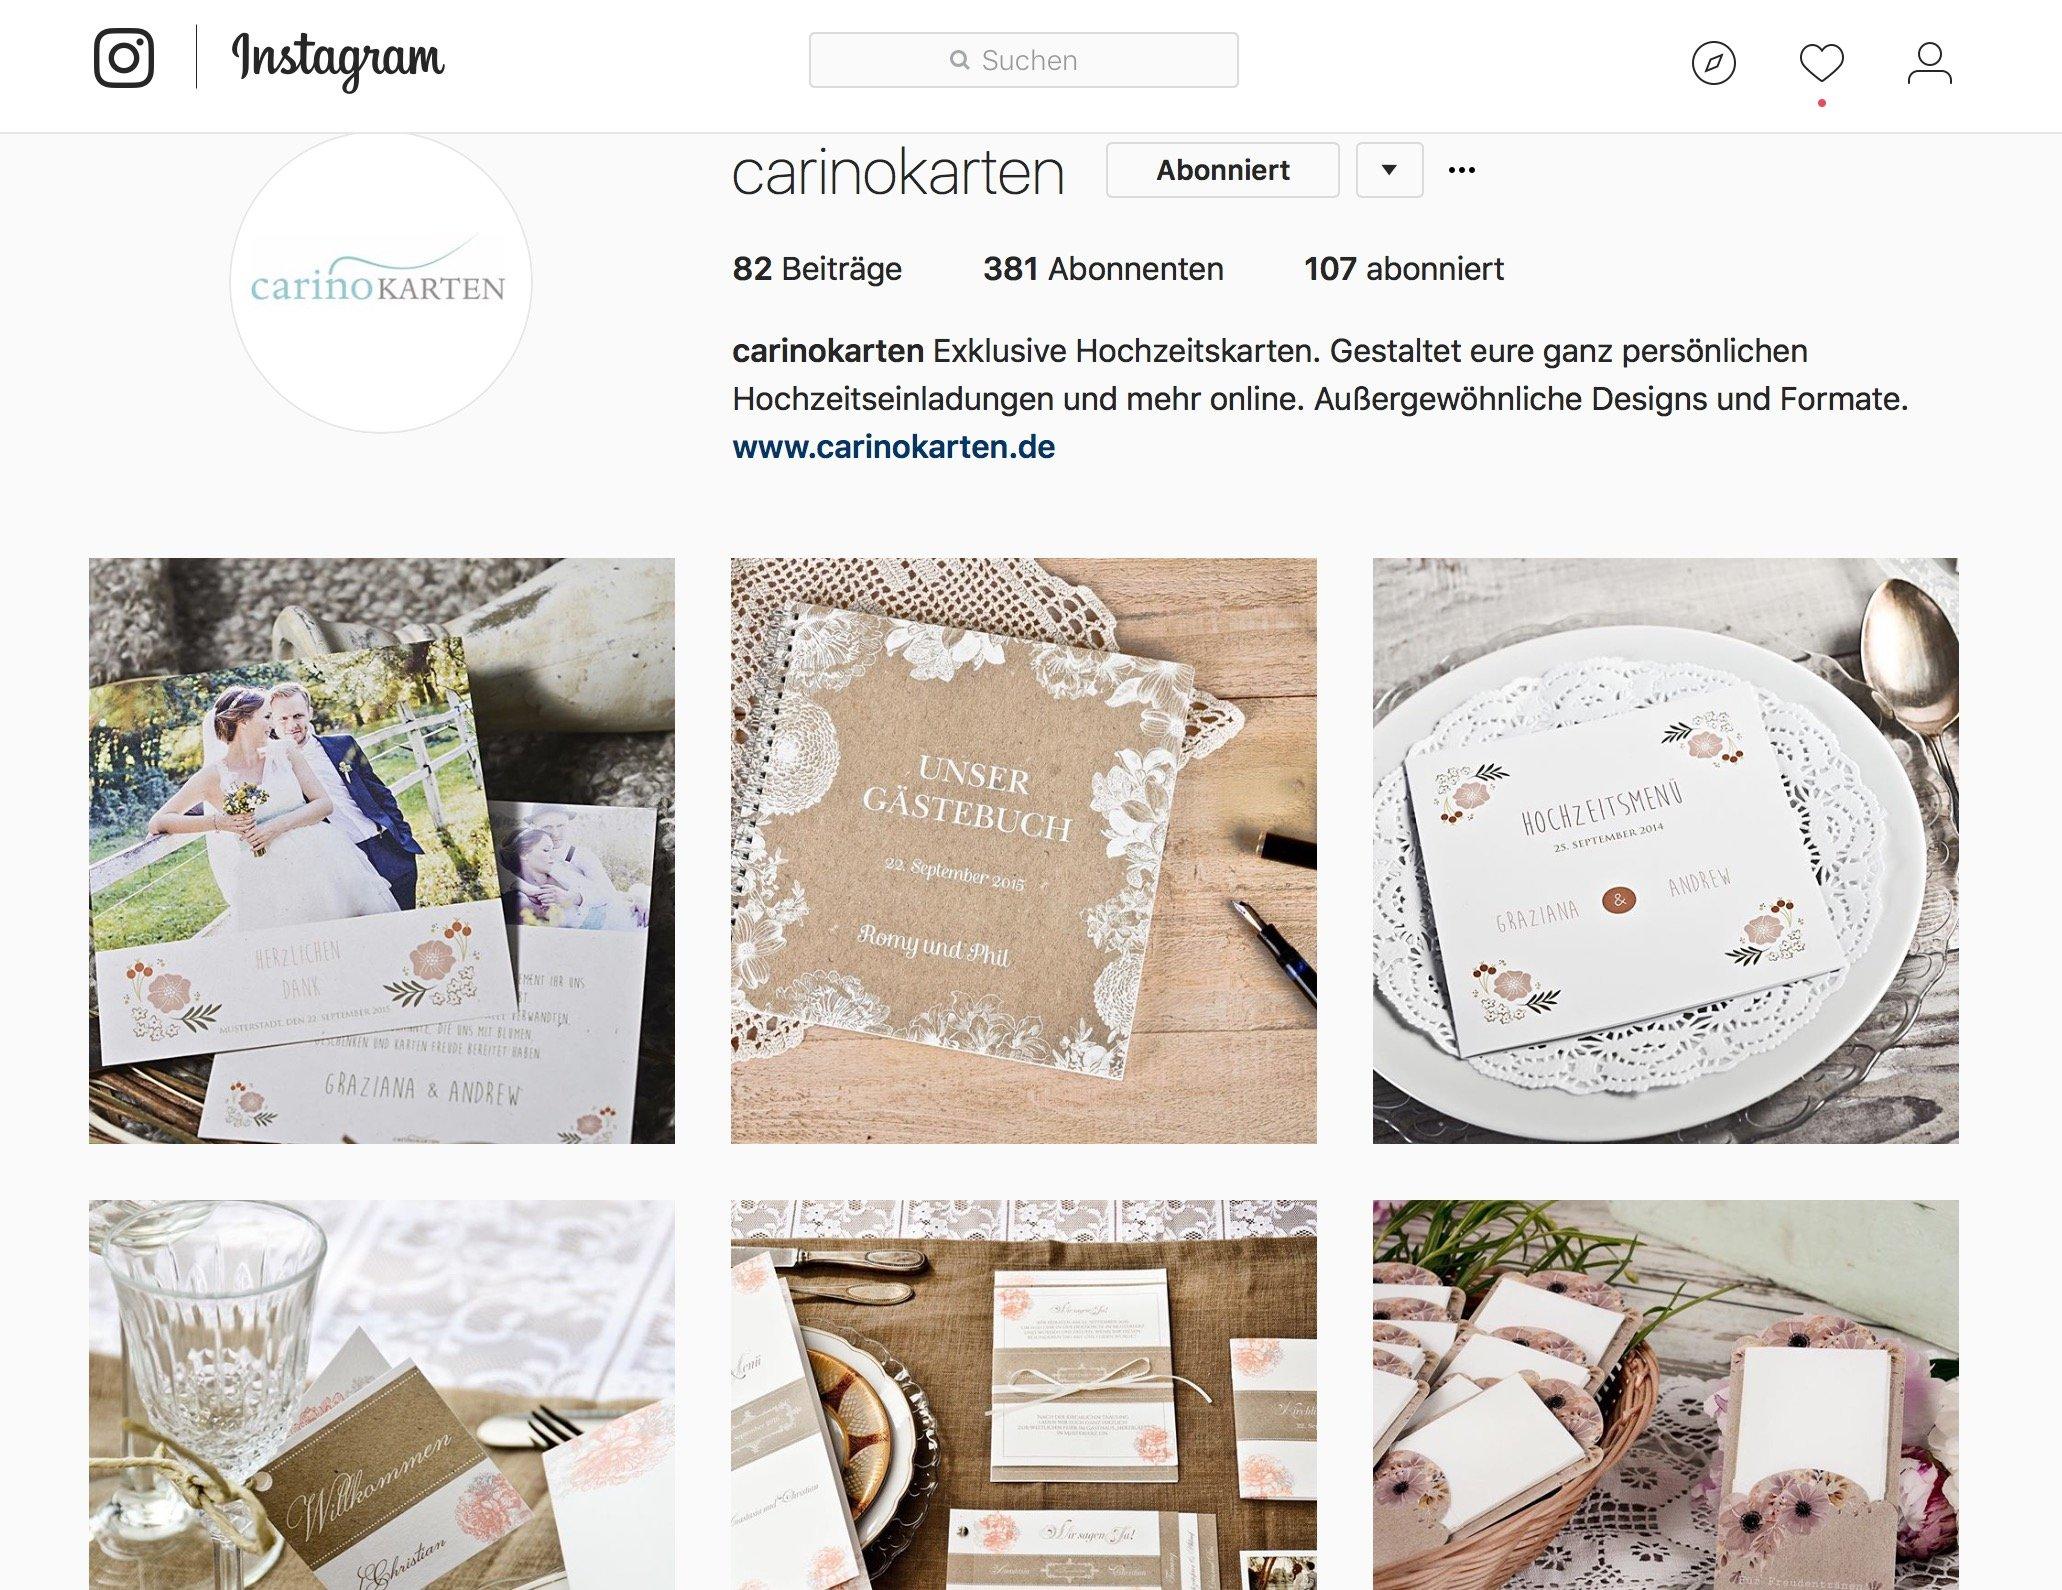 carinokarten instagram